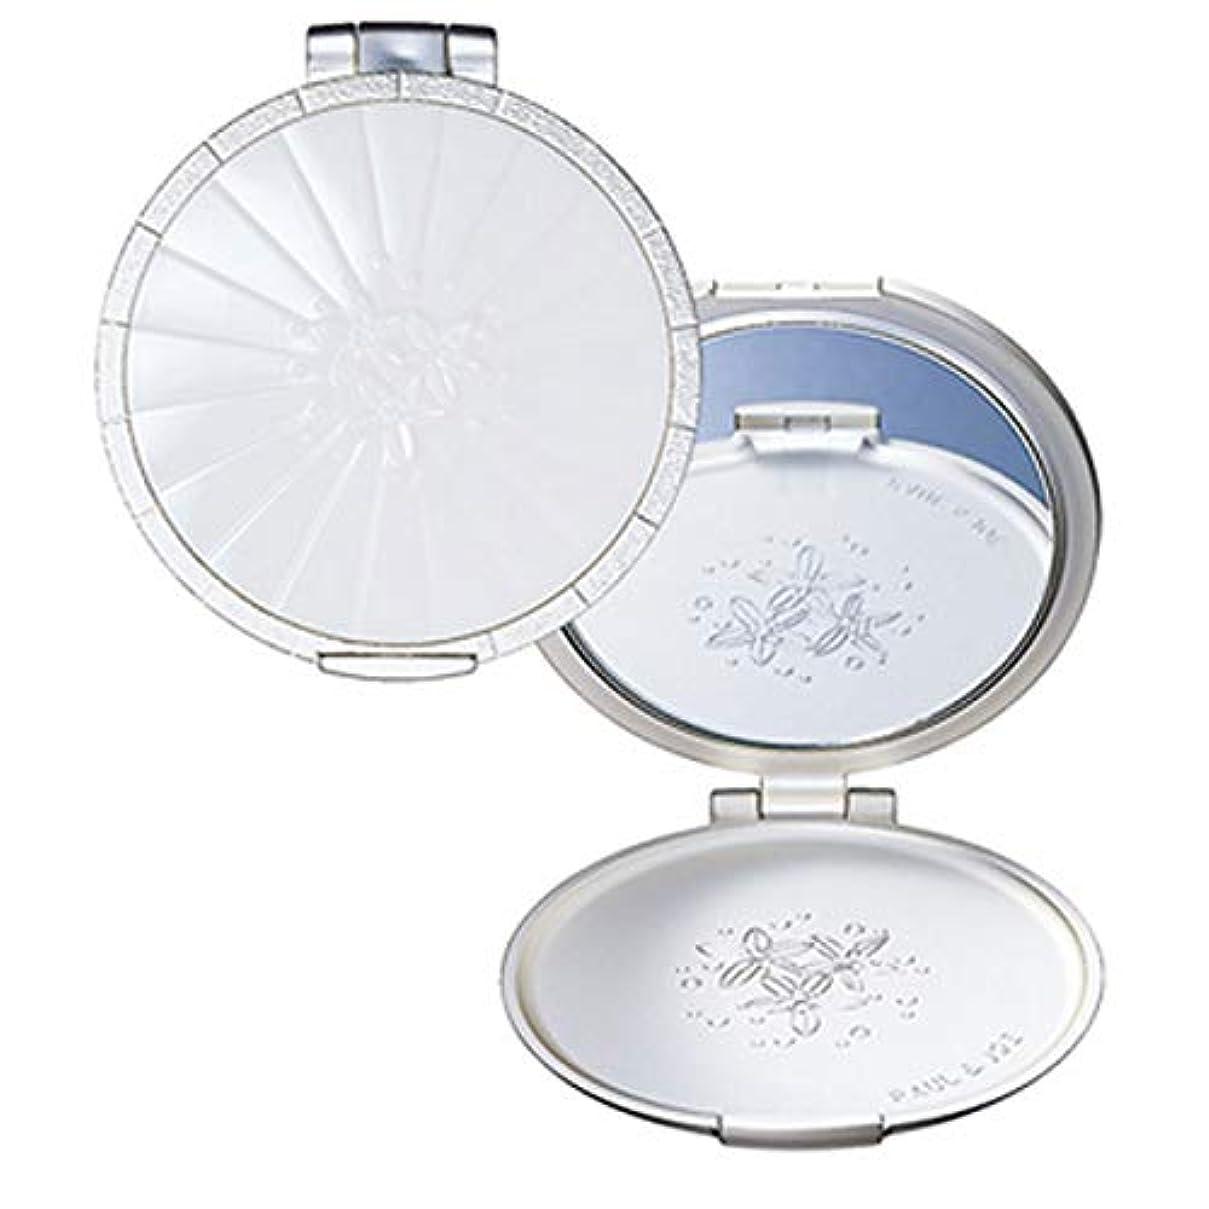 シャーロットブロンテ完璧な実験的(ポール&ジョー) PAUL&JOE P&J コンパクトミラー 鏡 ミラー 手鏡 フラワー ポールアンドジョー 化粧直し かわいい グレープフルーツ 花 クラシカル 巾着 セット SET